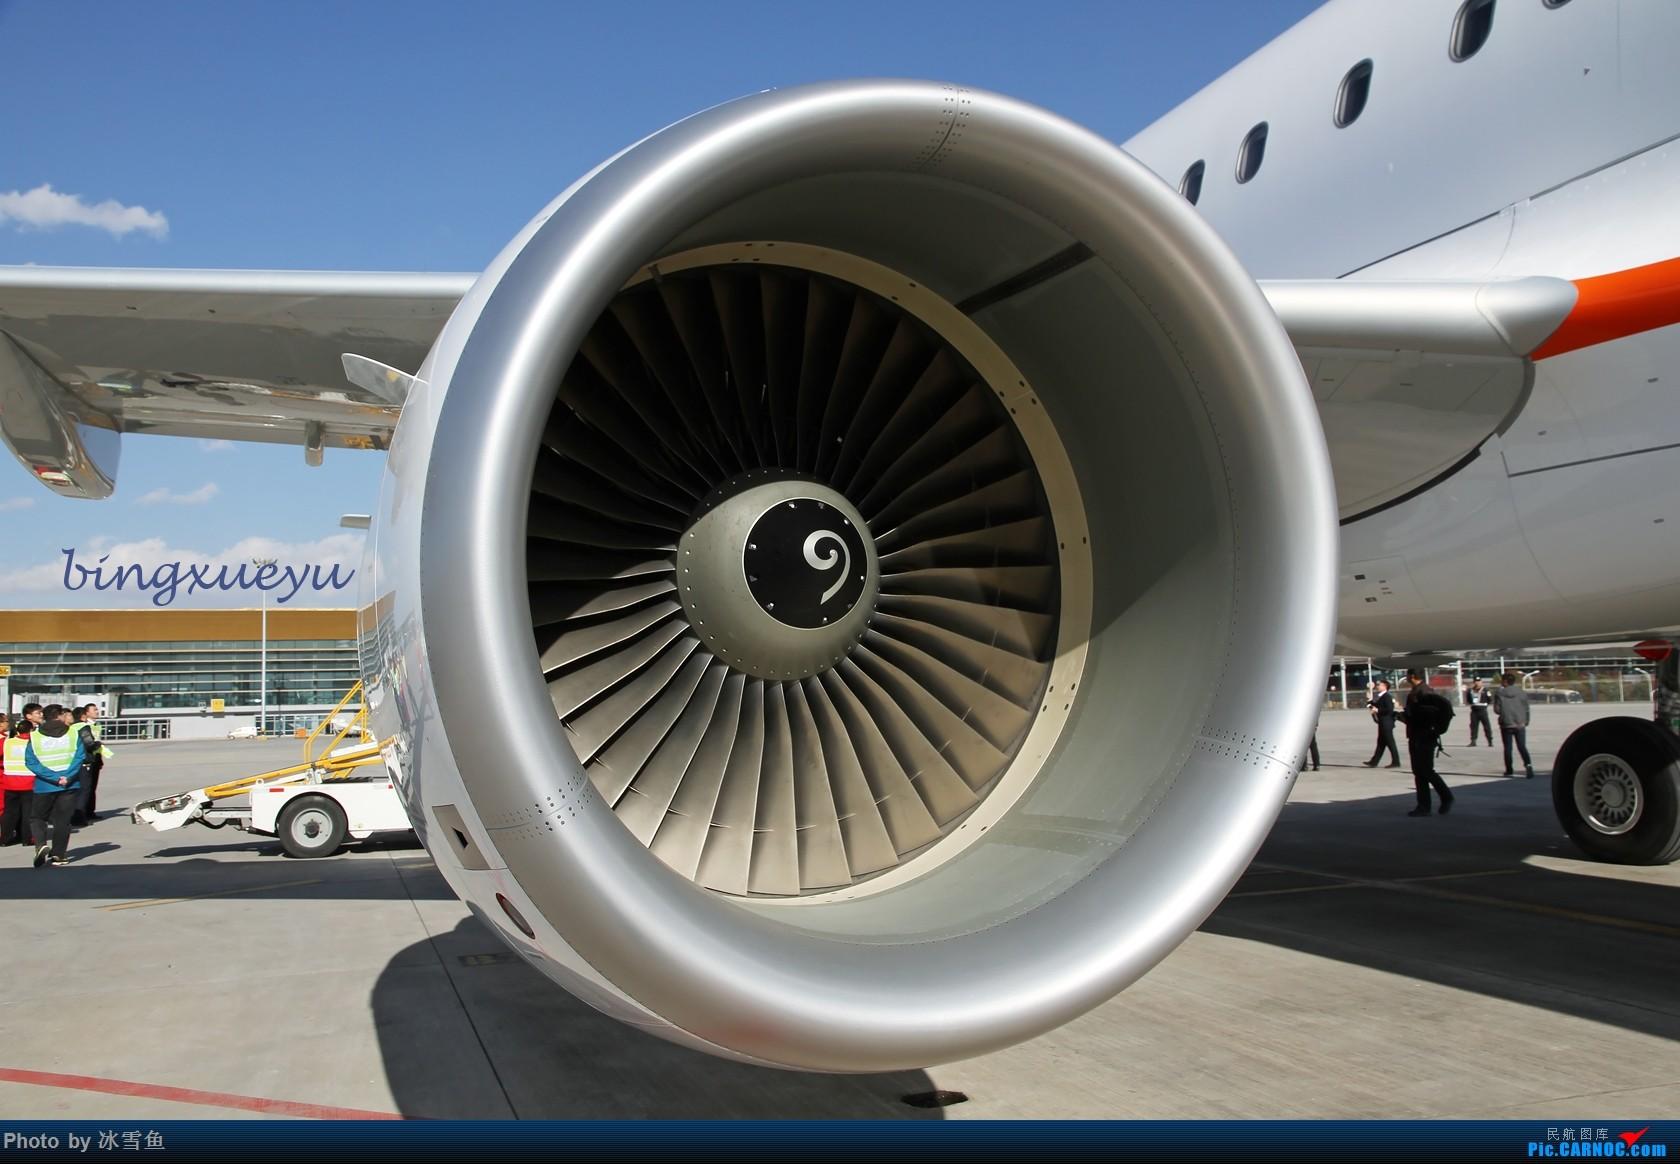 Re:[原创][BLDDQ-昆明飞友会]红土航空首航没拍,刨几张老图应景! AIRBUS A321-200 B-8285 中国昆明长水国际机场